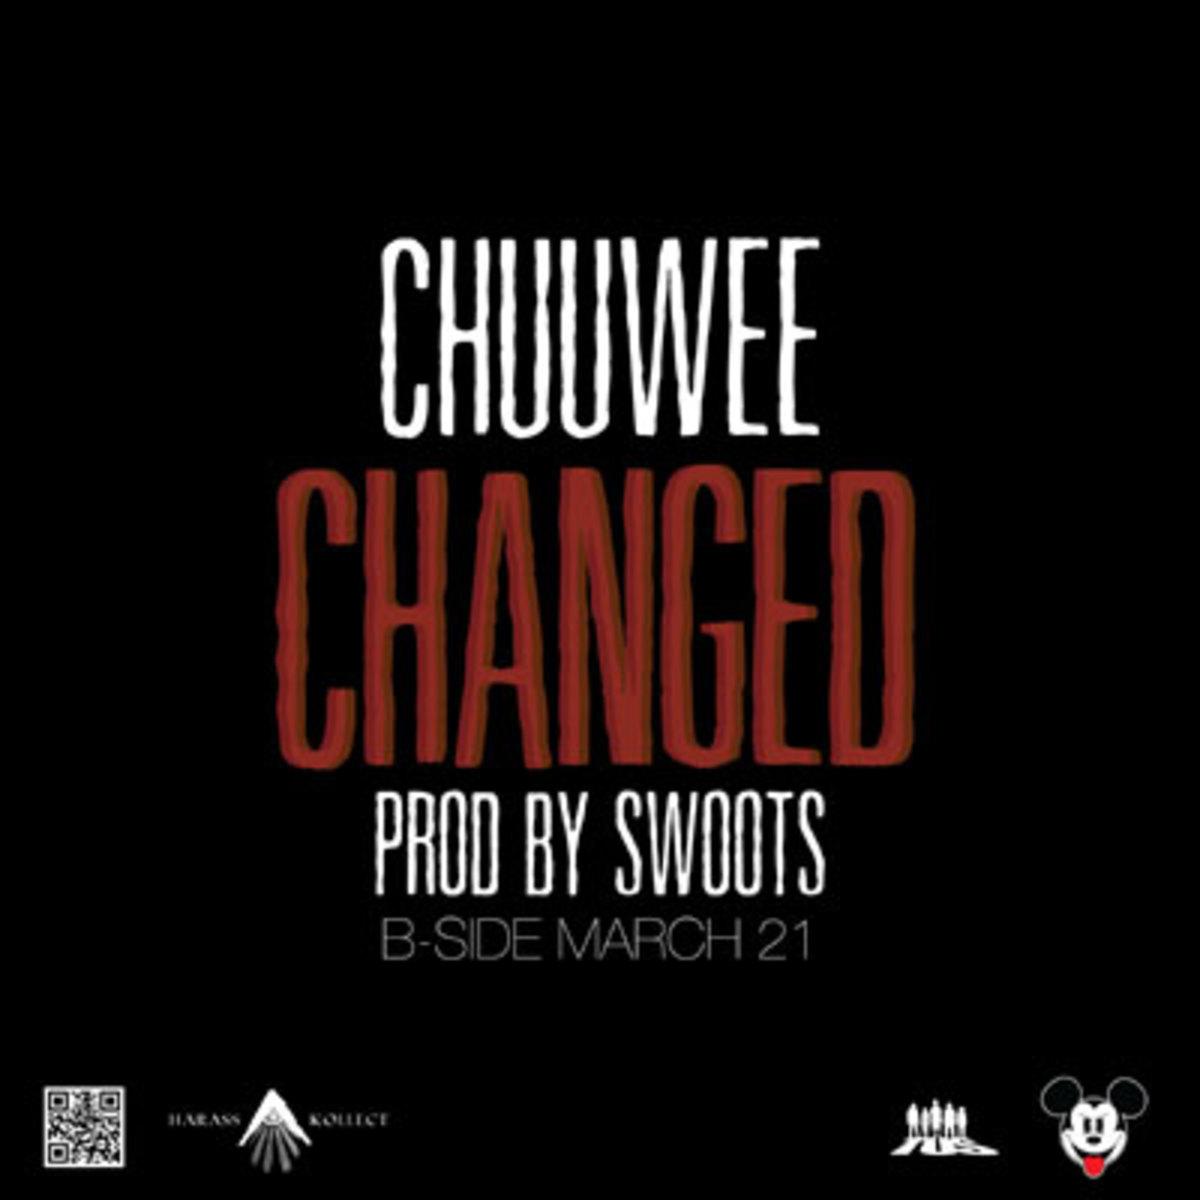 chuuwee-changed.jpg